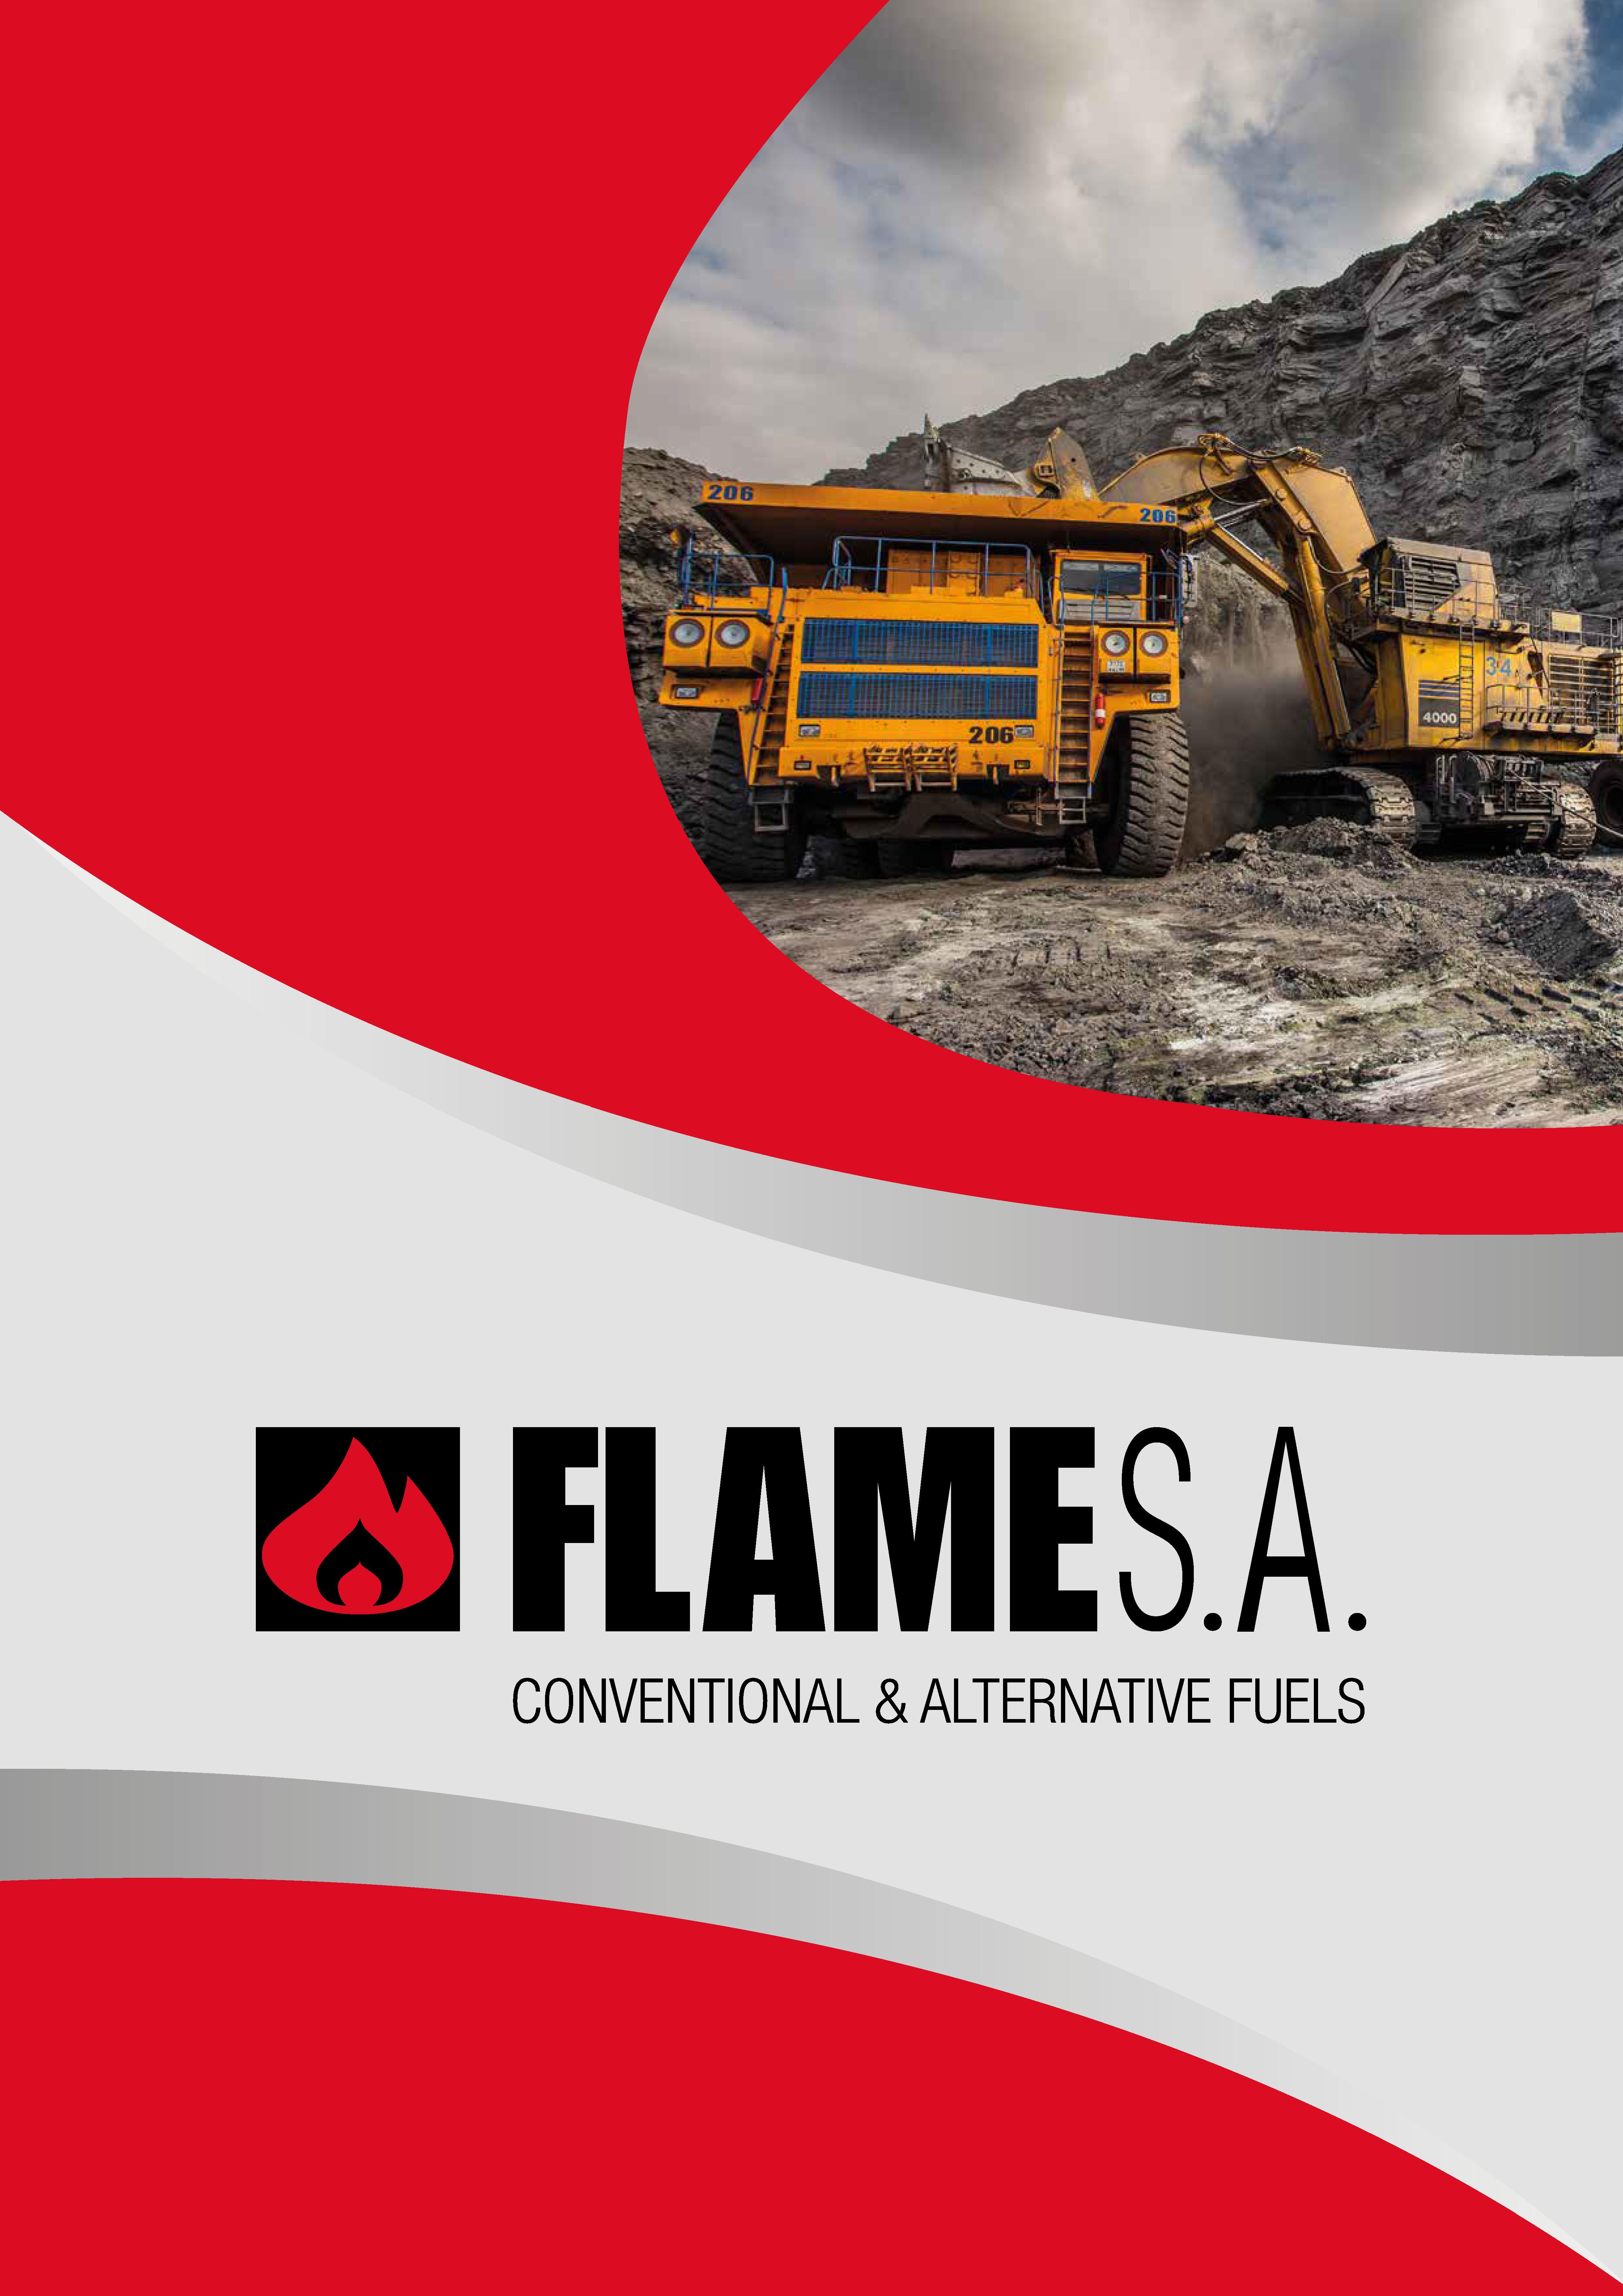 Flame Sa